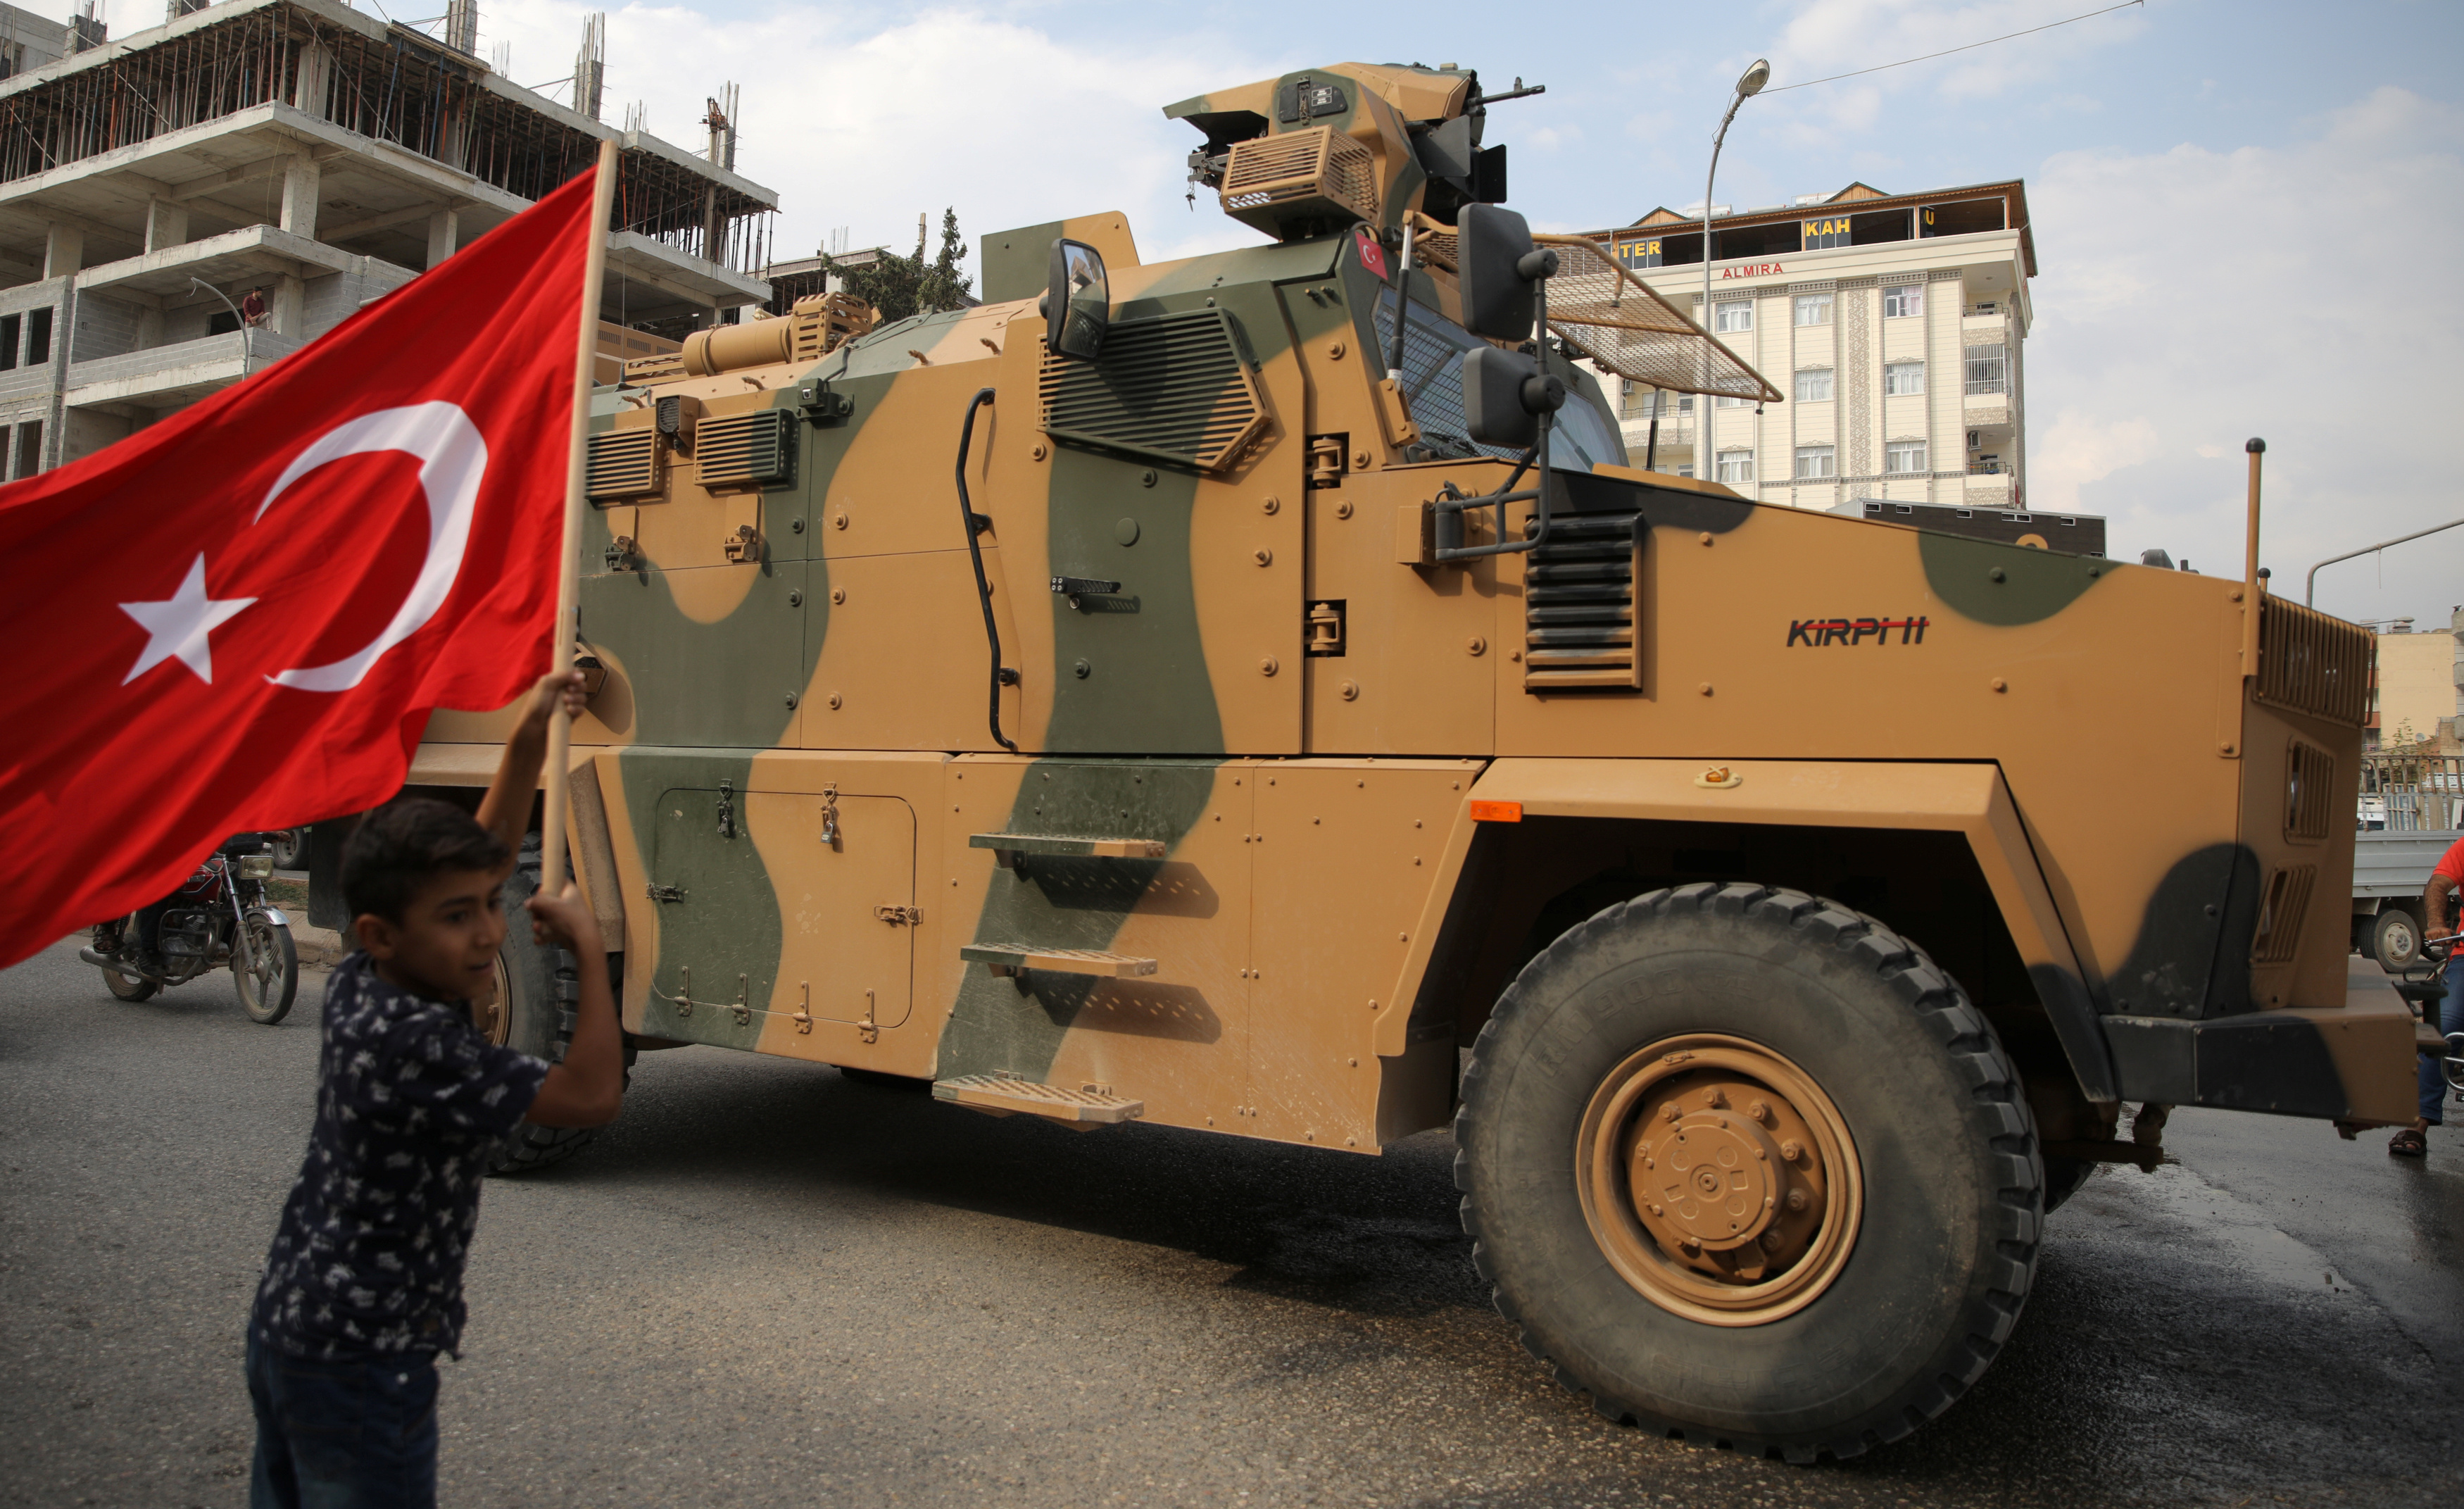 Ερντογάν σε Κούρδους: Παραδώστε τα όπλα μέχρι το βράδυ - Παραλήρημα! «Εμείς δεν κάνουμε σφαγές όπως γινόταν στην Κύπρο»